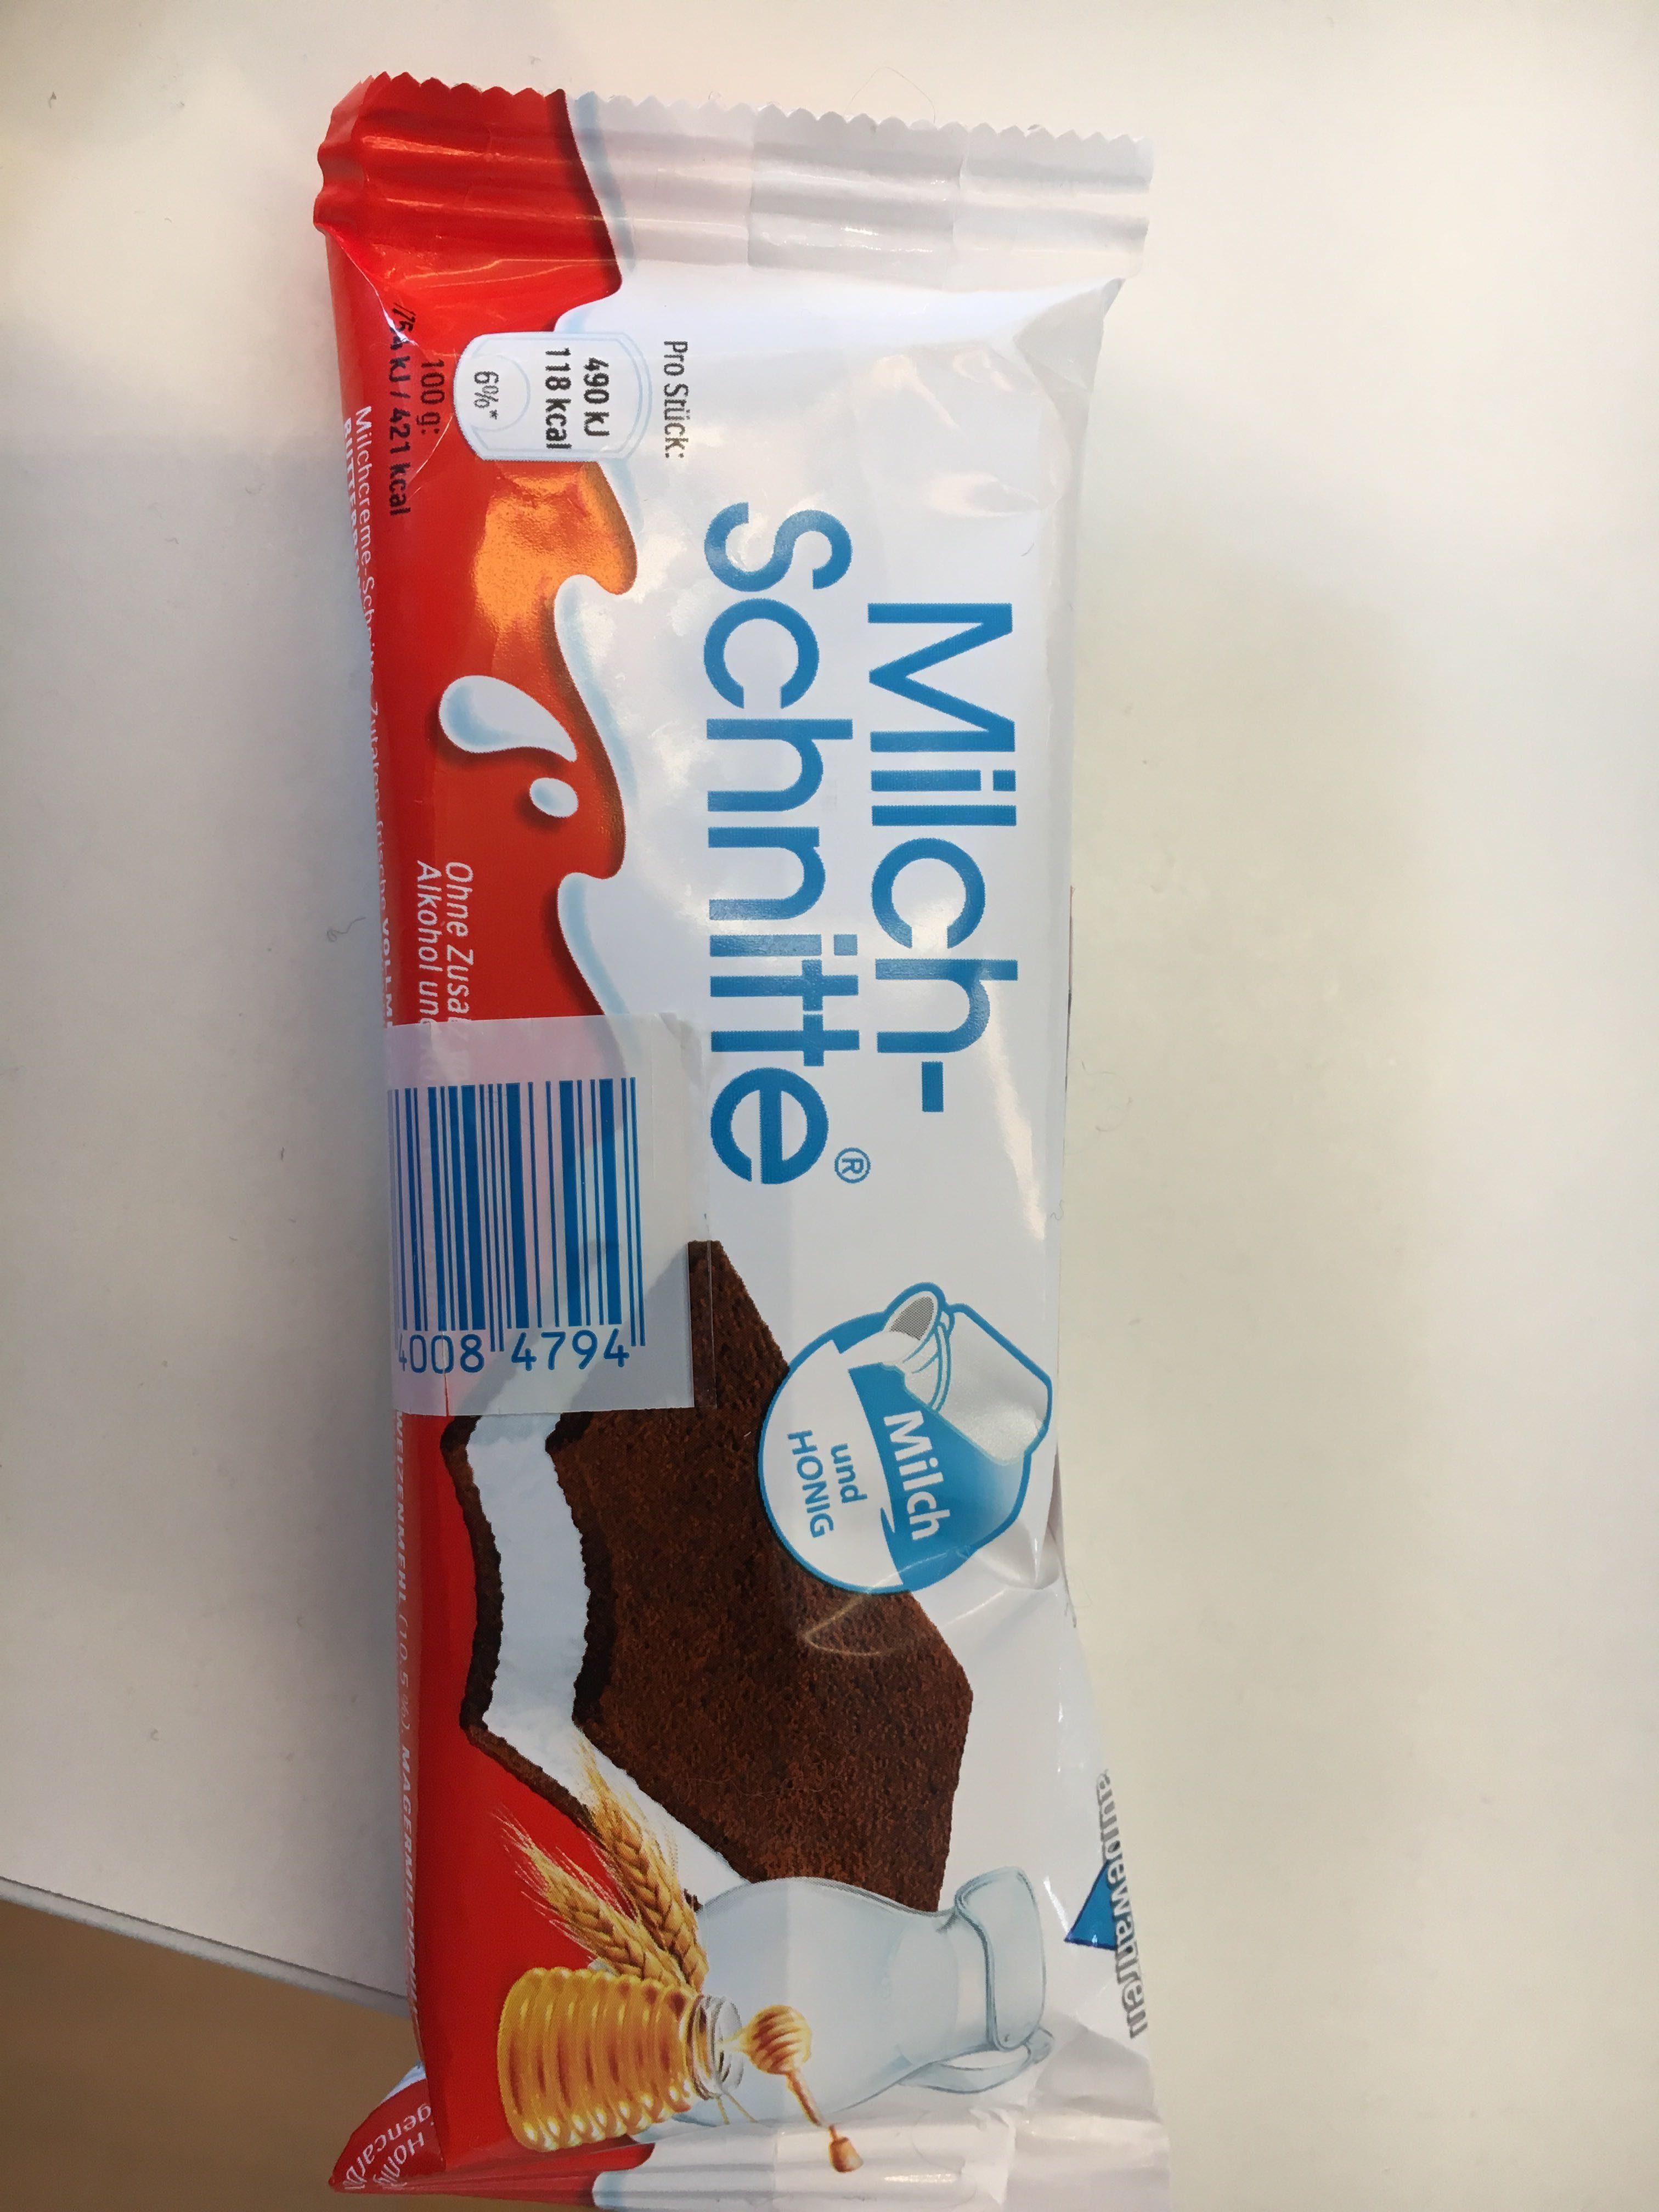 Tranche au lait - Product